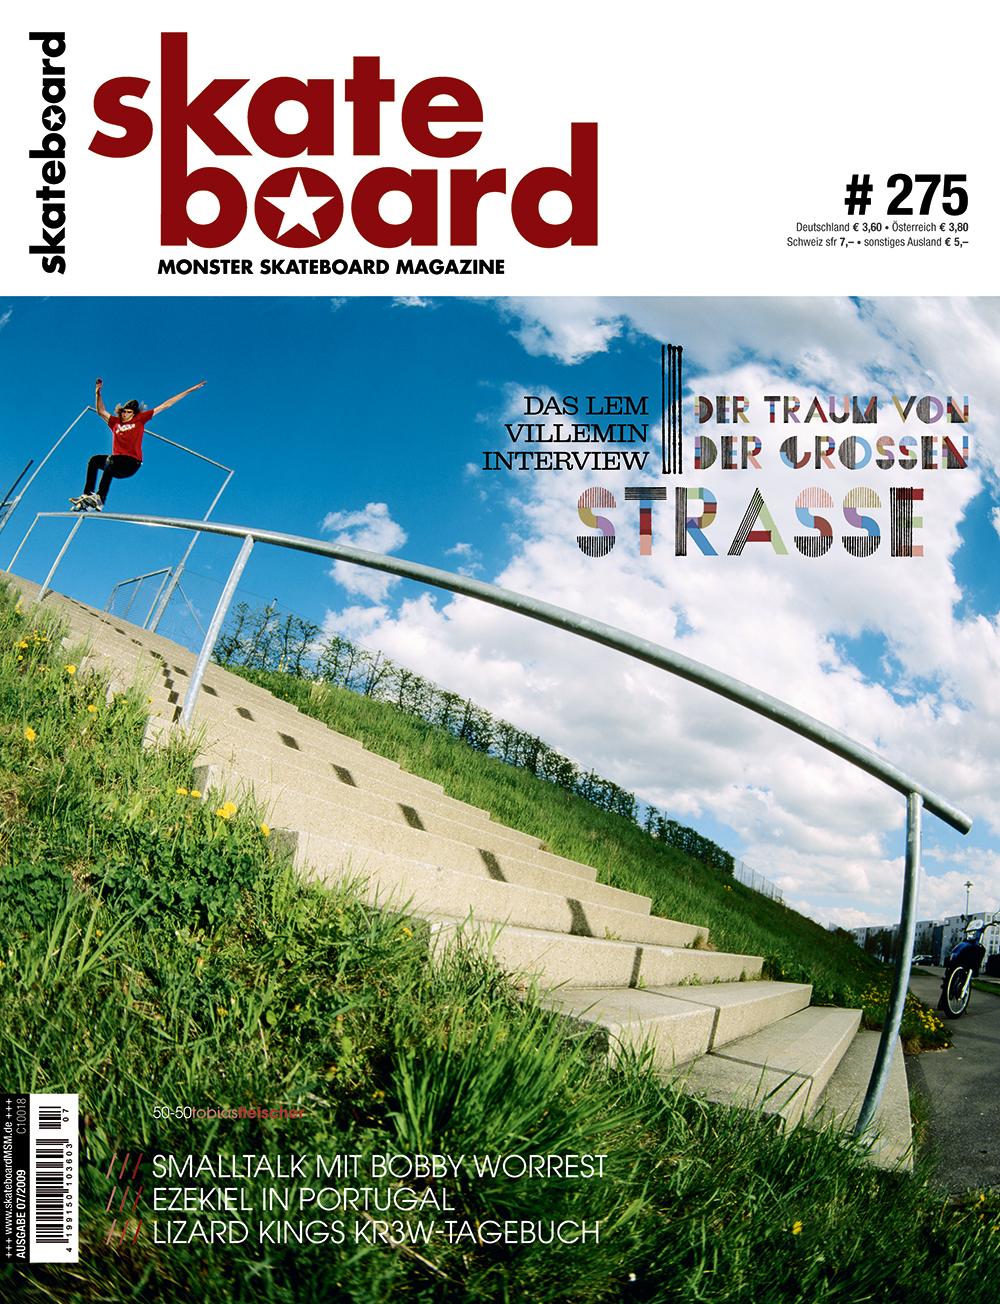 Okay, das Cover hat mindestens genau so viel Mosh Faktor. Tobias Fleischer katapultierte sich mit diesem 50-50 auf die Landkarte und erlegte später ebenfalls noch das Bremer Rail.